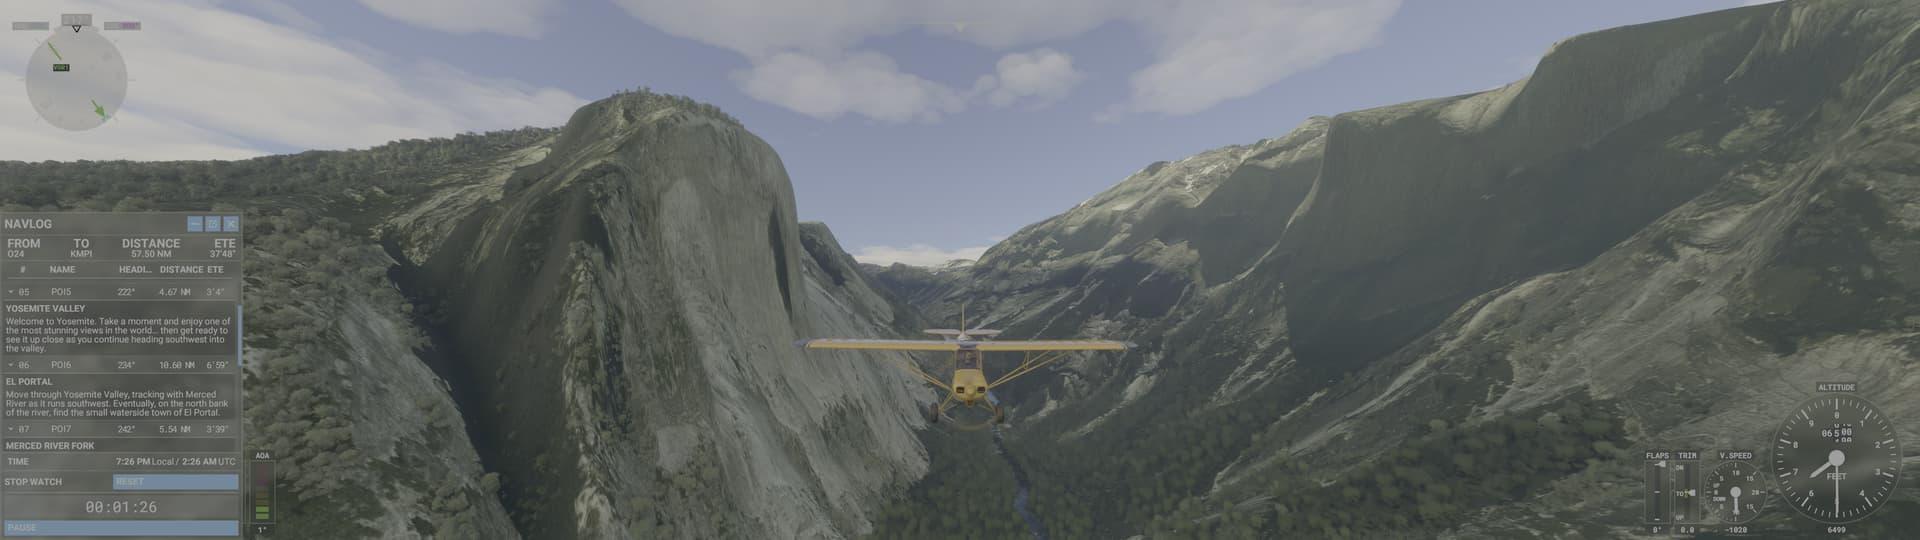 Microsoft Flight Simulator Screenshot 2021.09.13 - 19.25.09.47 Thumbnail